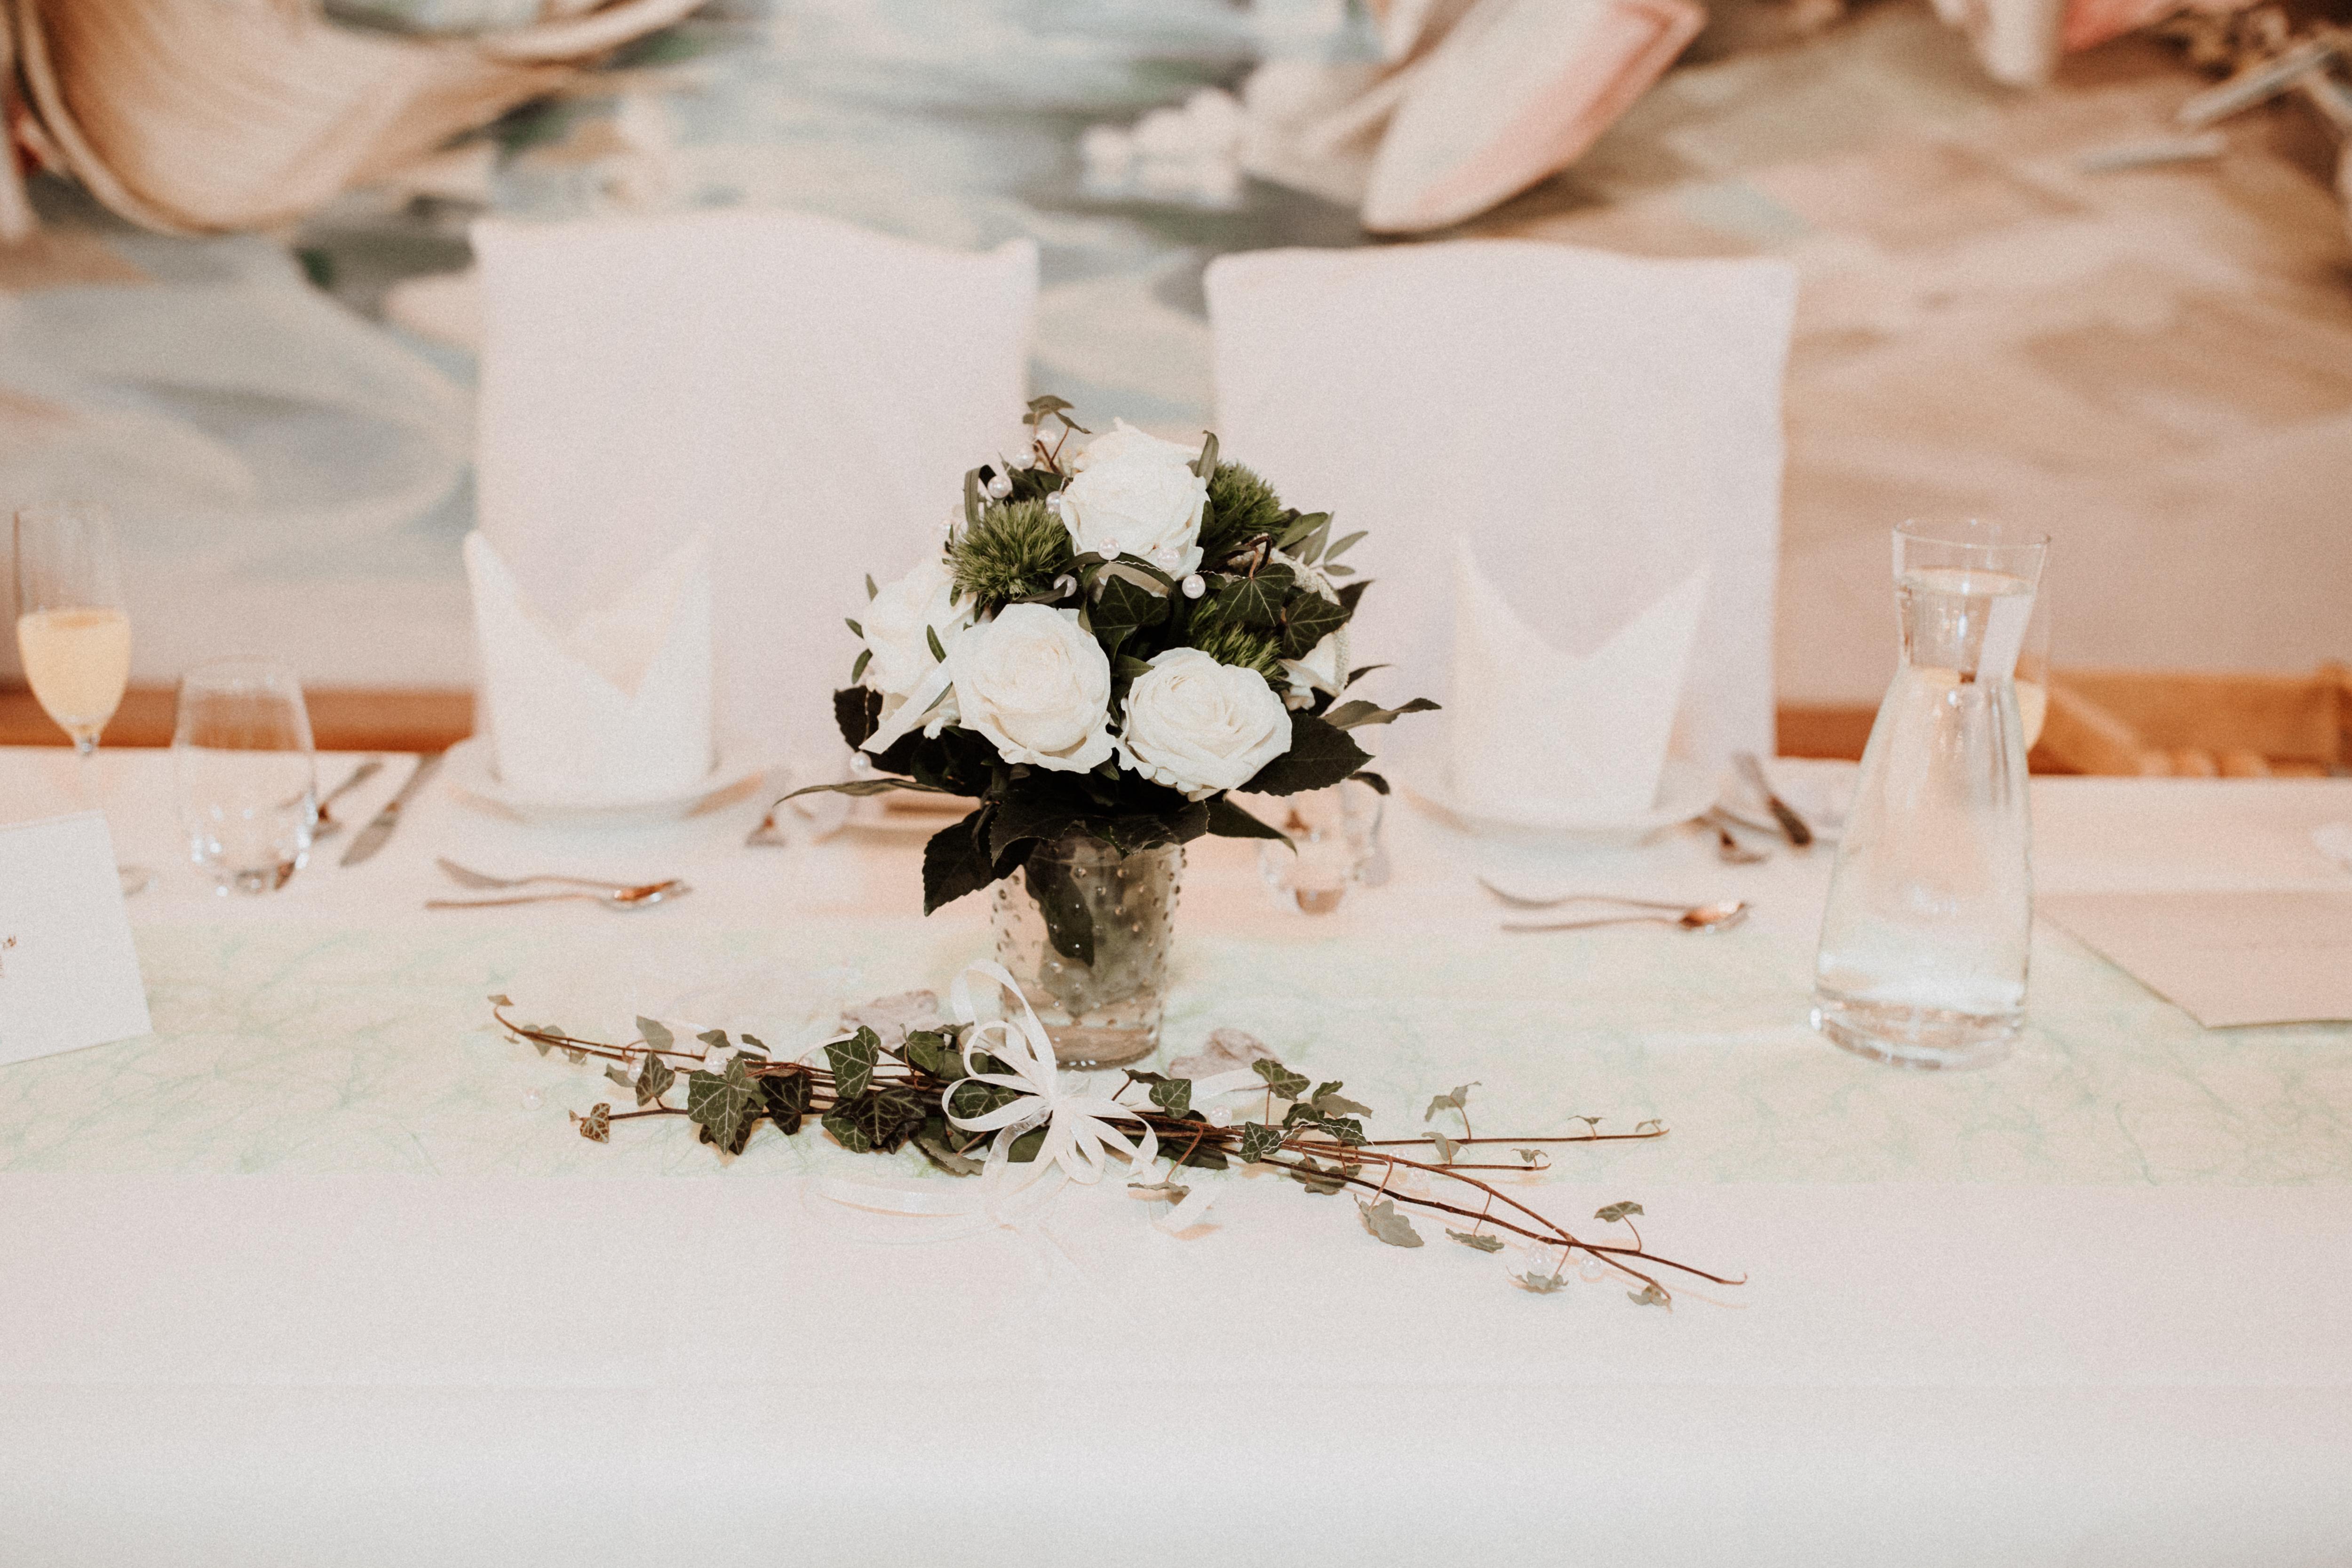 URBANERIE_Daniela_Goth_Hochzeitsfotografin_Nürnberg_Fürth_Erlangen_Schwabach_171007_0916